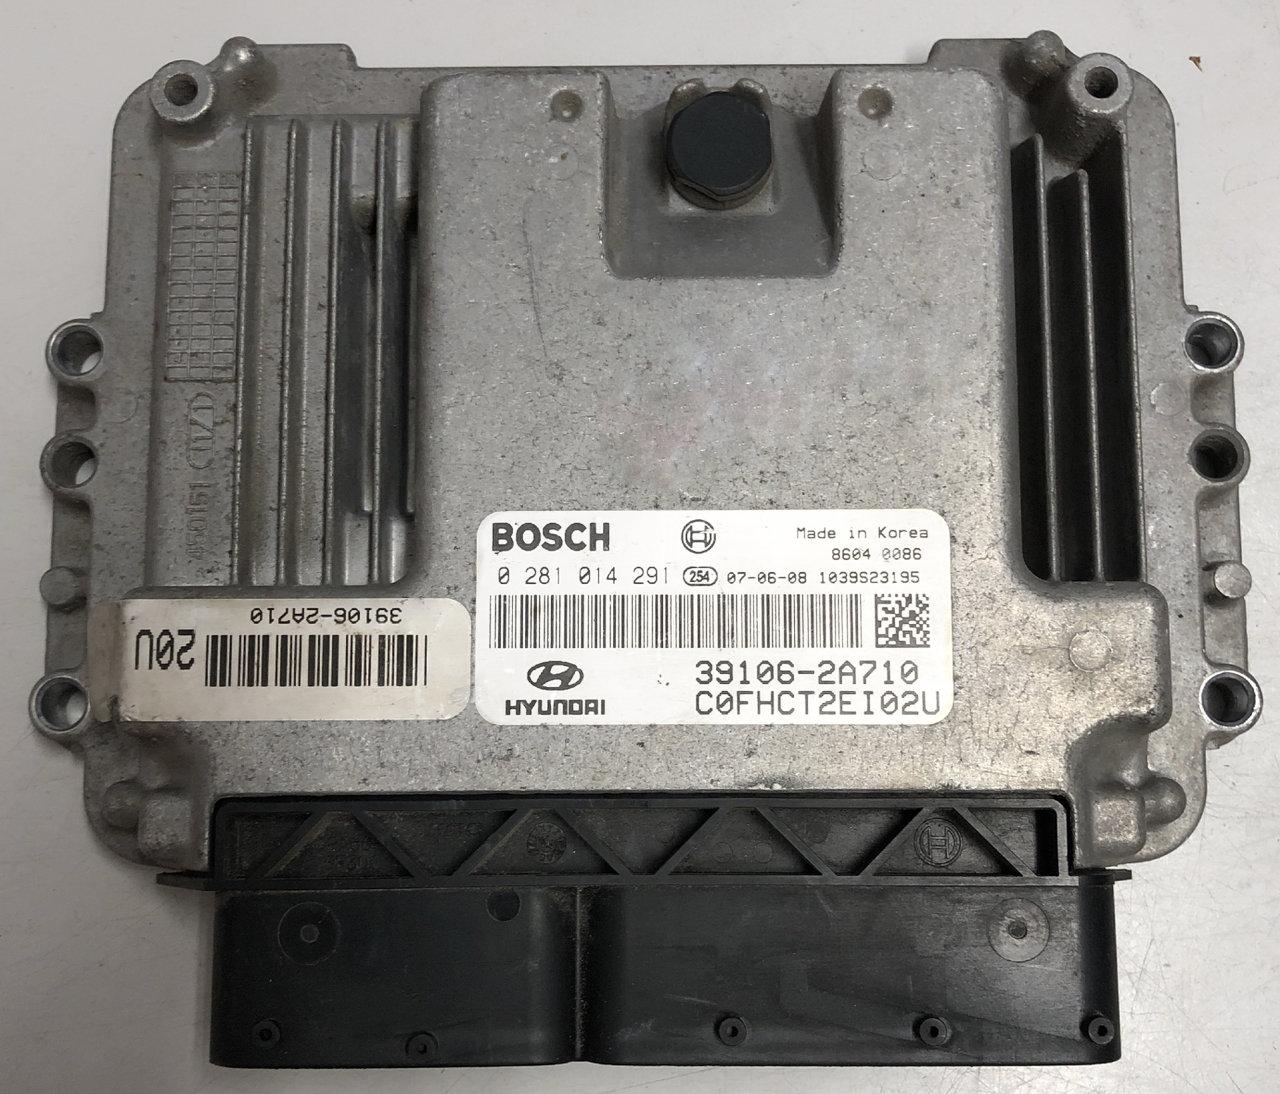 Plug & Play Bosch Engine ECU, Hyundai i30 1 6 CRDi, 0281014291, 0 281 014  291, 39106-2A710